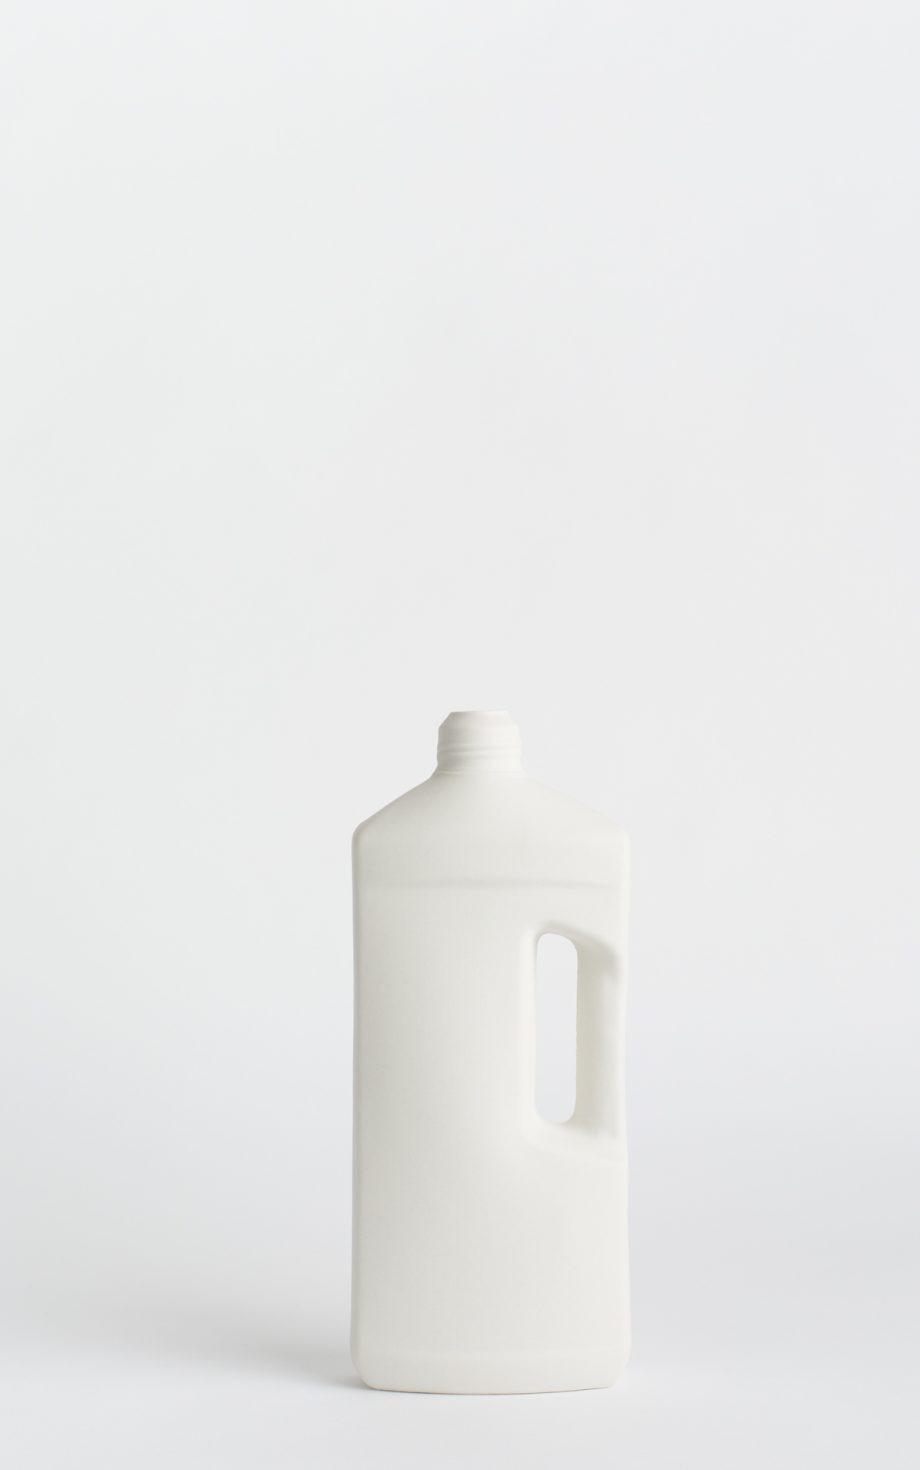 bottle vase #3 white